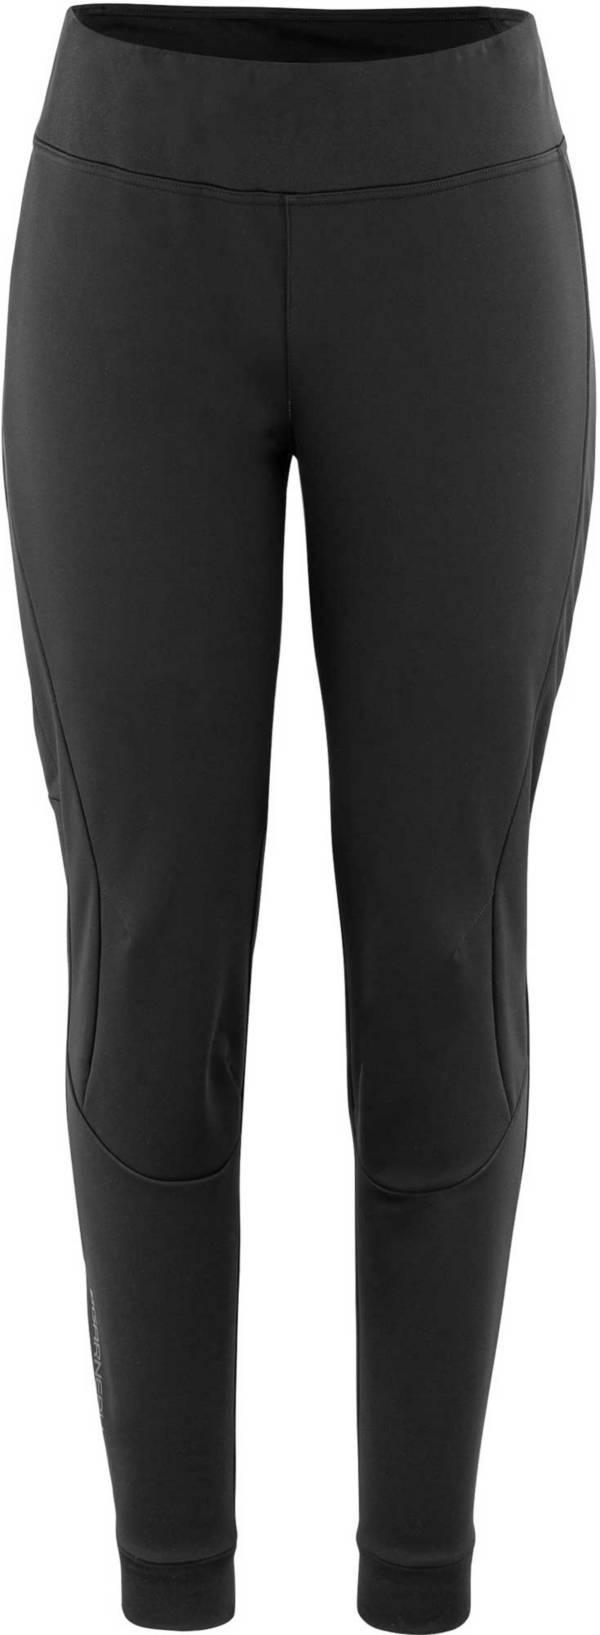 Louis Garneau Women's Element Pants product image